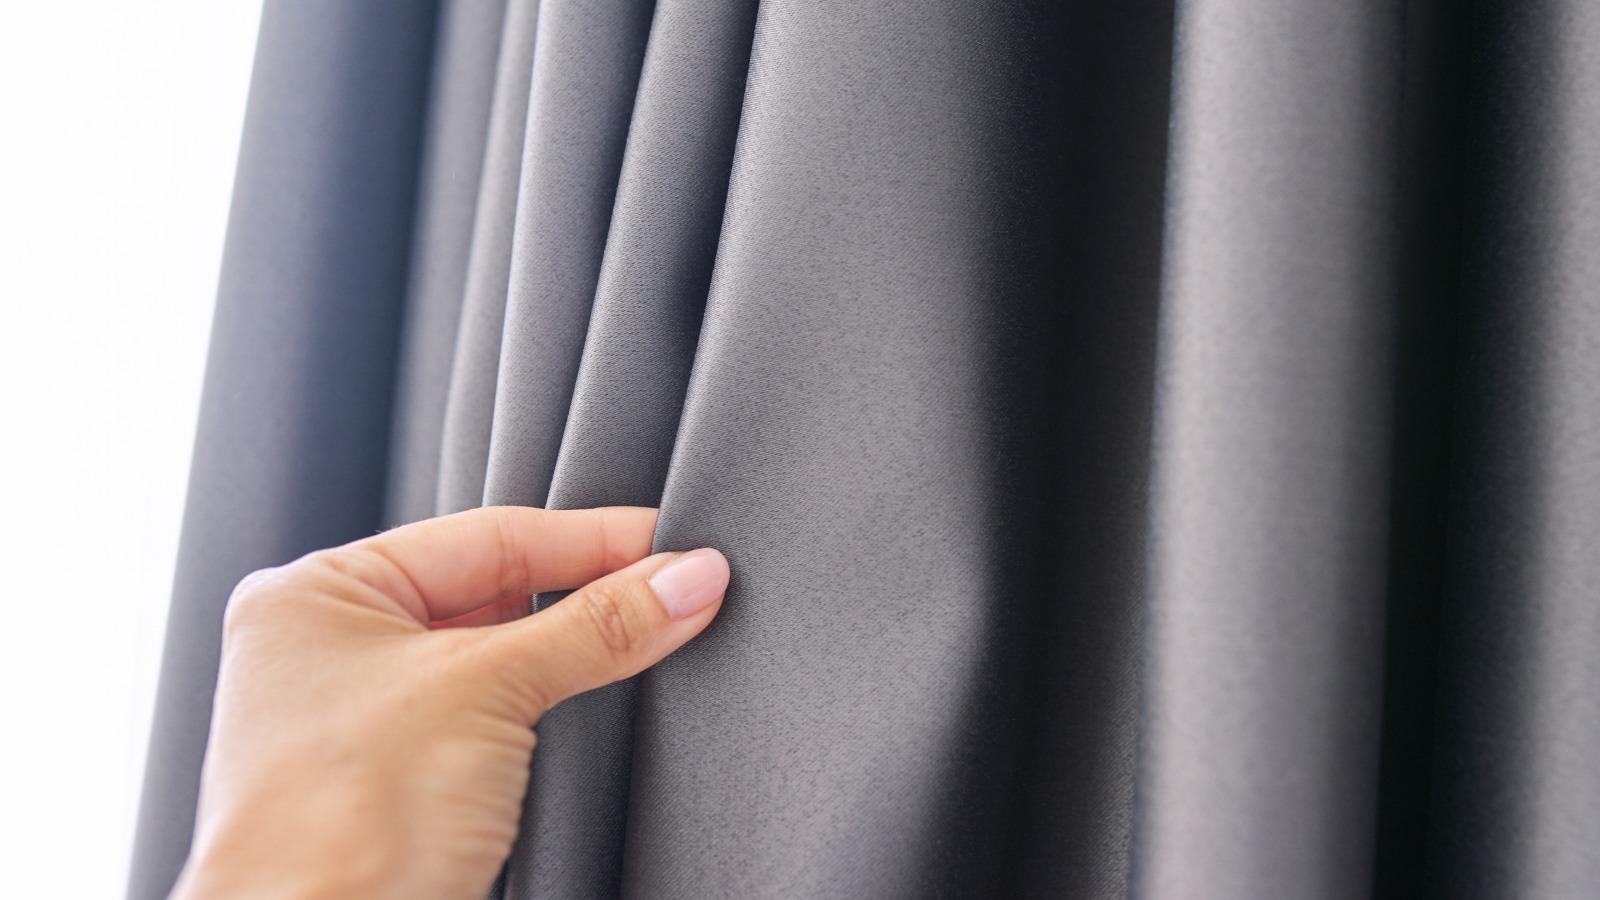 視覚過敏対策のために遮光カーテンを利用しています。